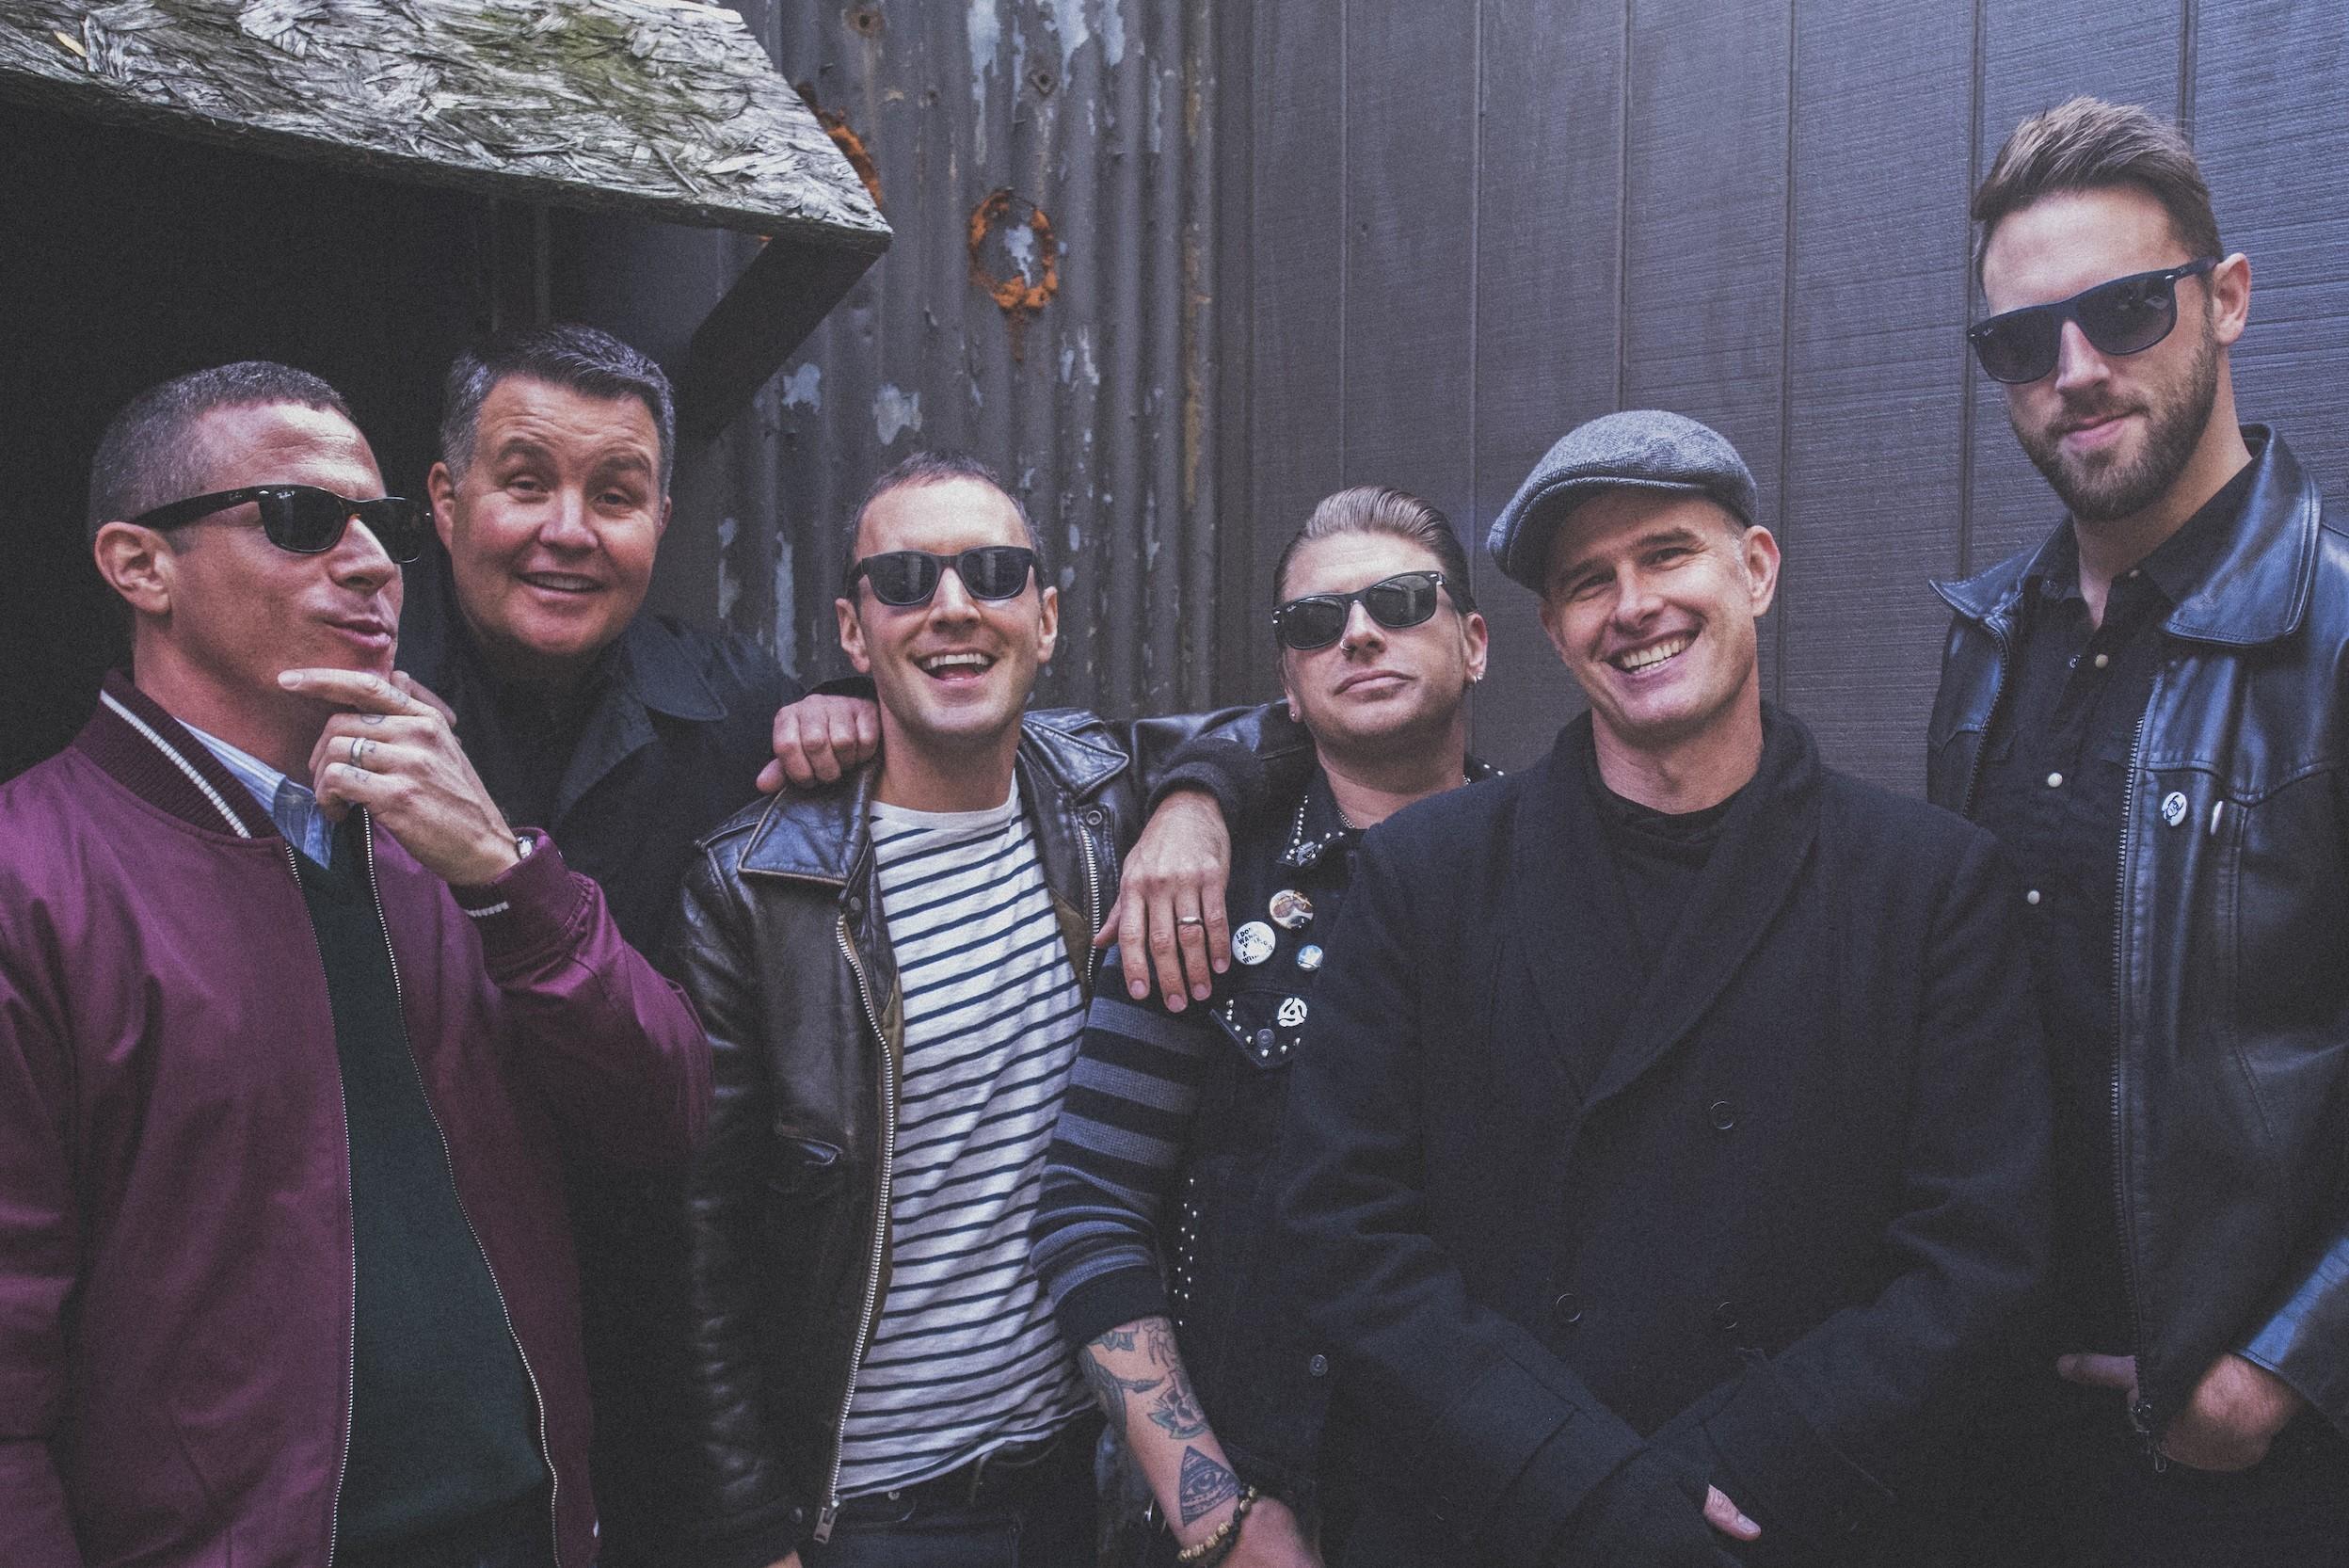 A banda americana Dropkick Murphys